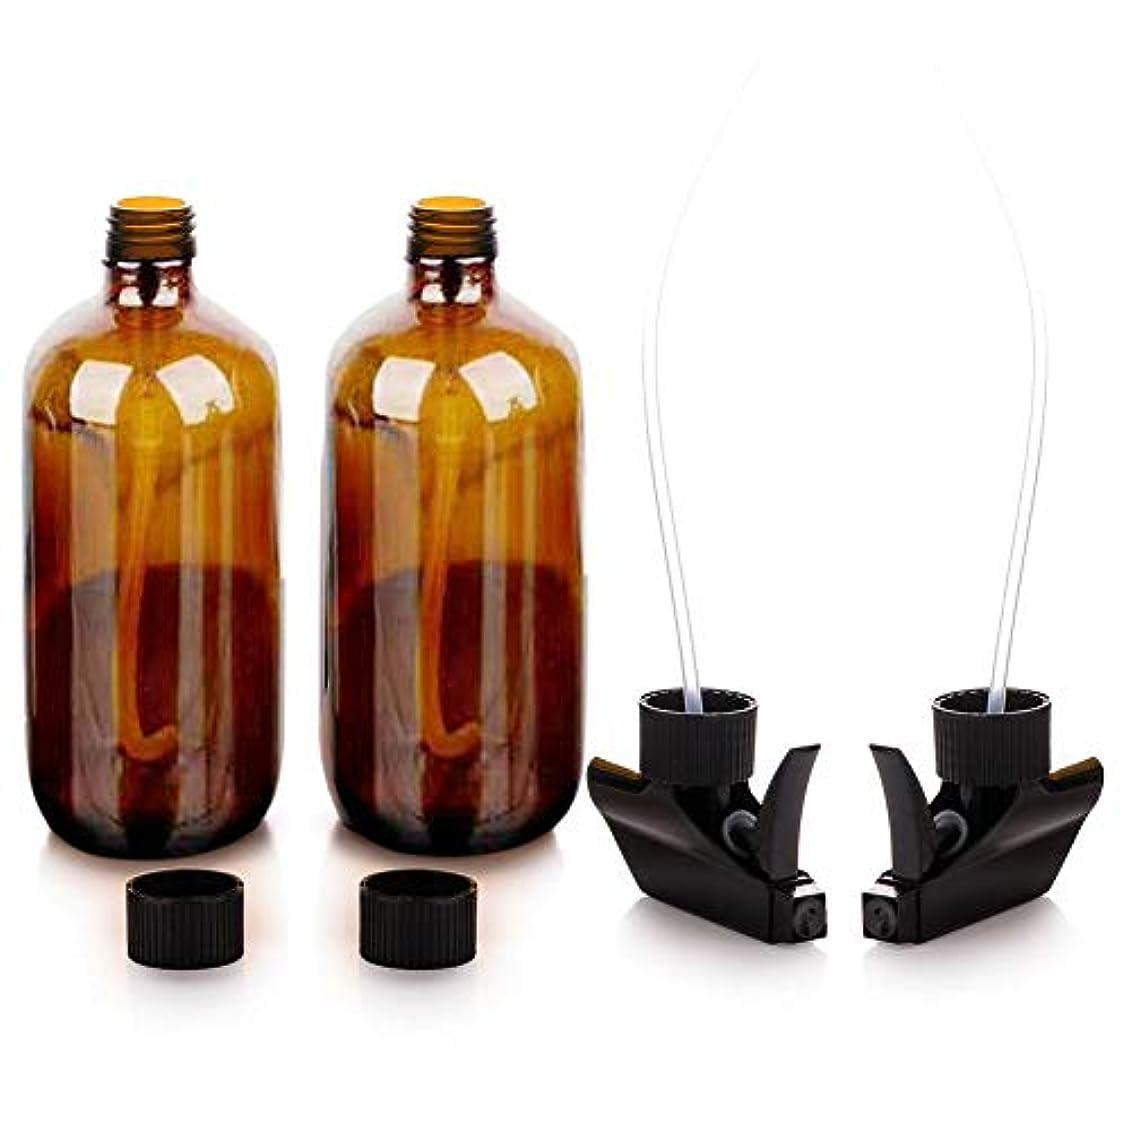 なだめる見込みコンパイルスプレーボトル 遮光瓶 ガラス 微細 ミスト噴霧器 サロン理髪スプレー 植栽ツール 2ボトルキャップ付き 茶色